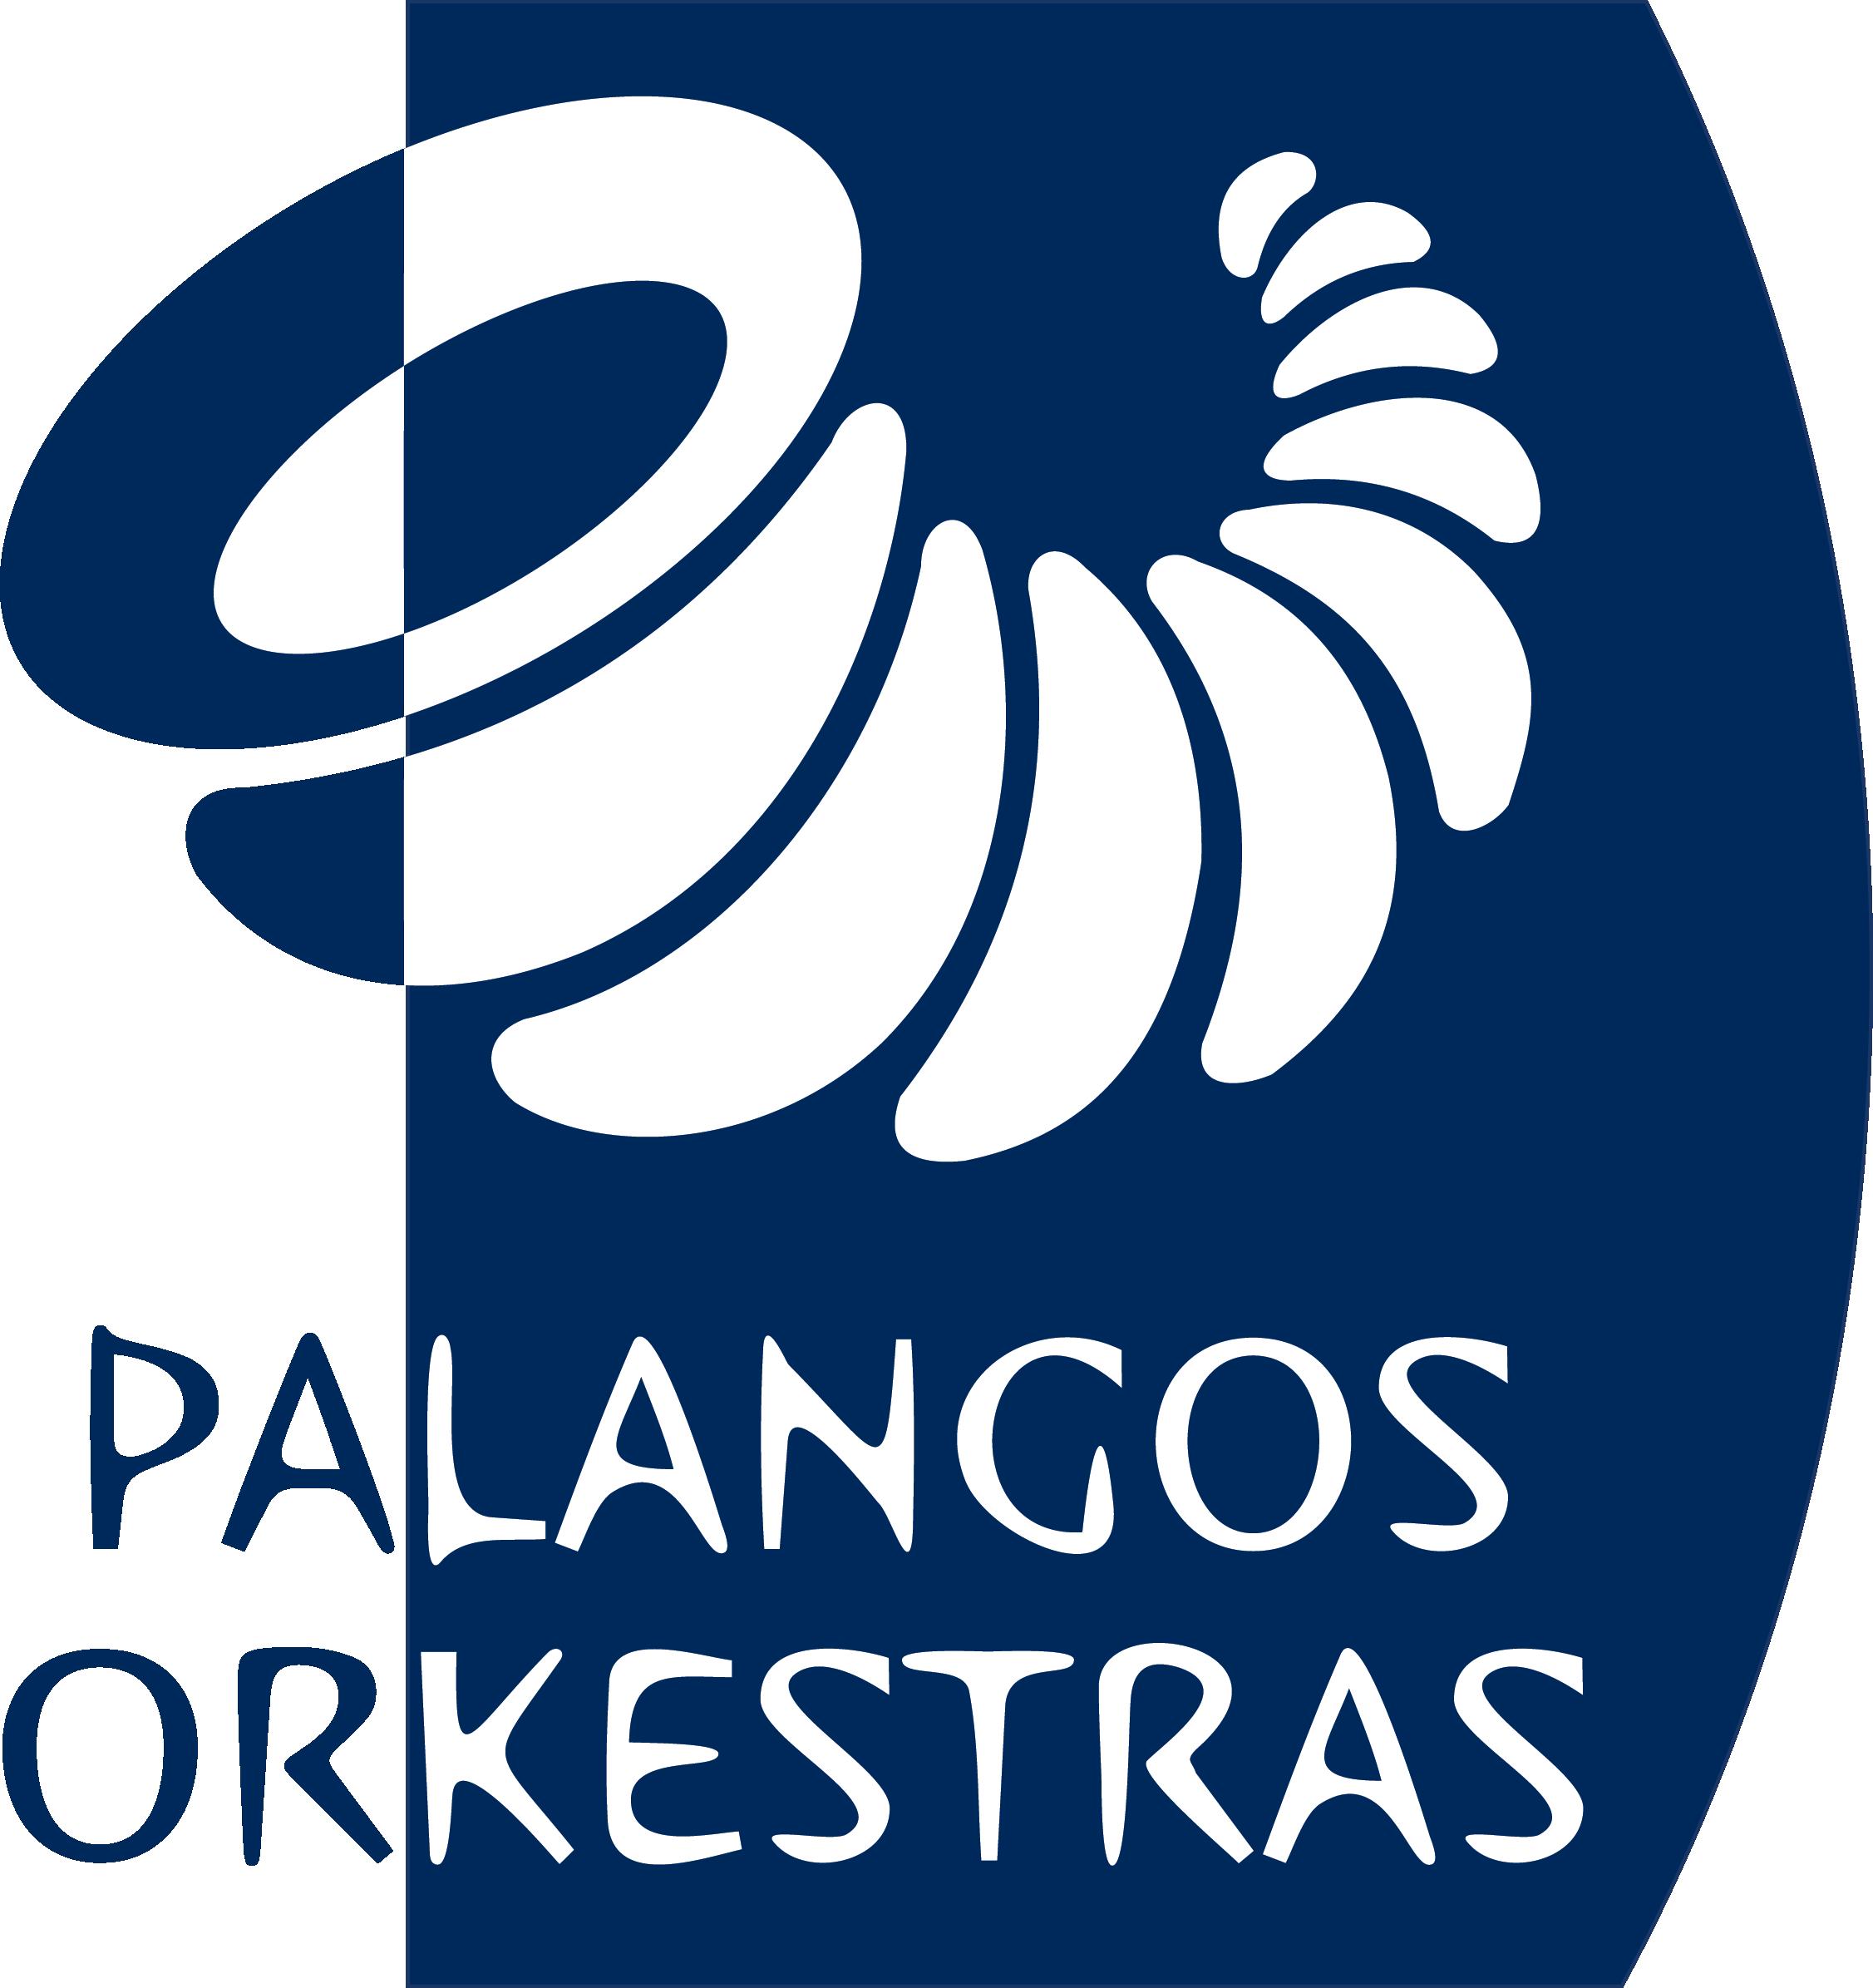 Palangos Orkestras Logotipas